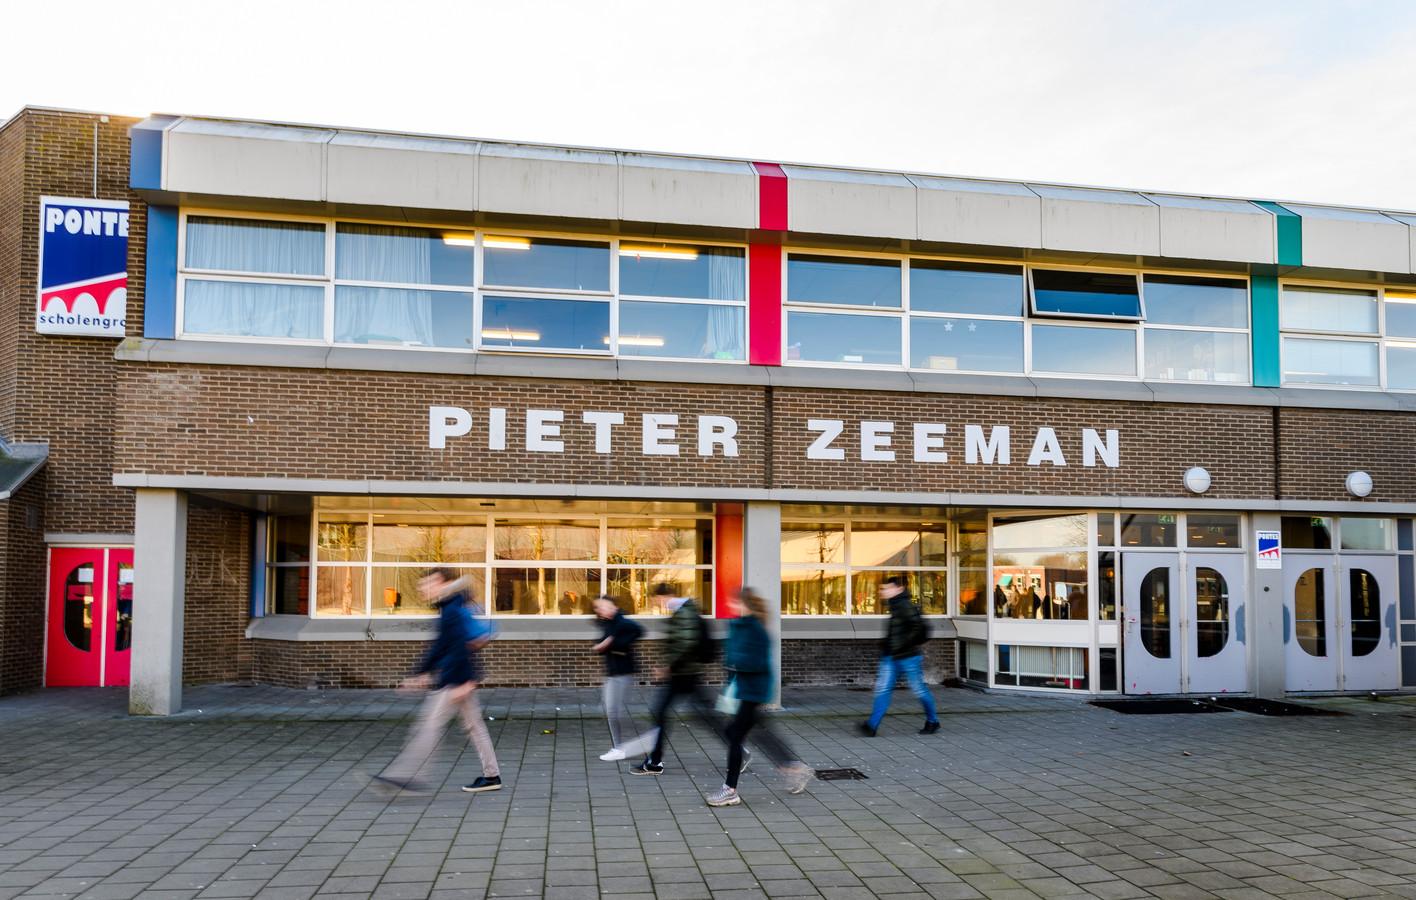 De Pieter Zeemanschool in Zierikzee is de laatste op het eiland Schouwen-Duiveland.